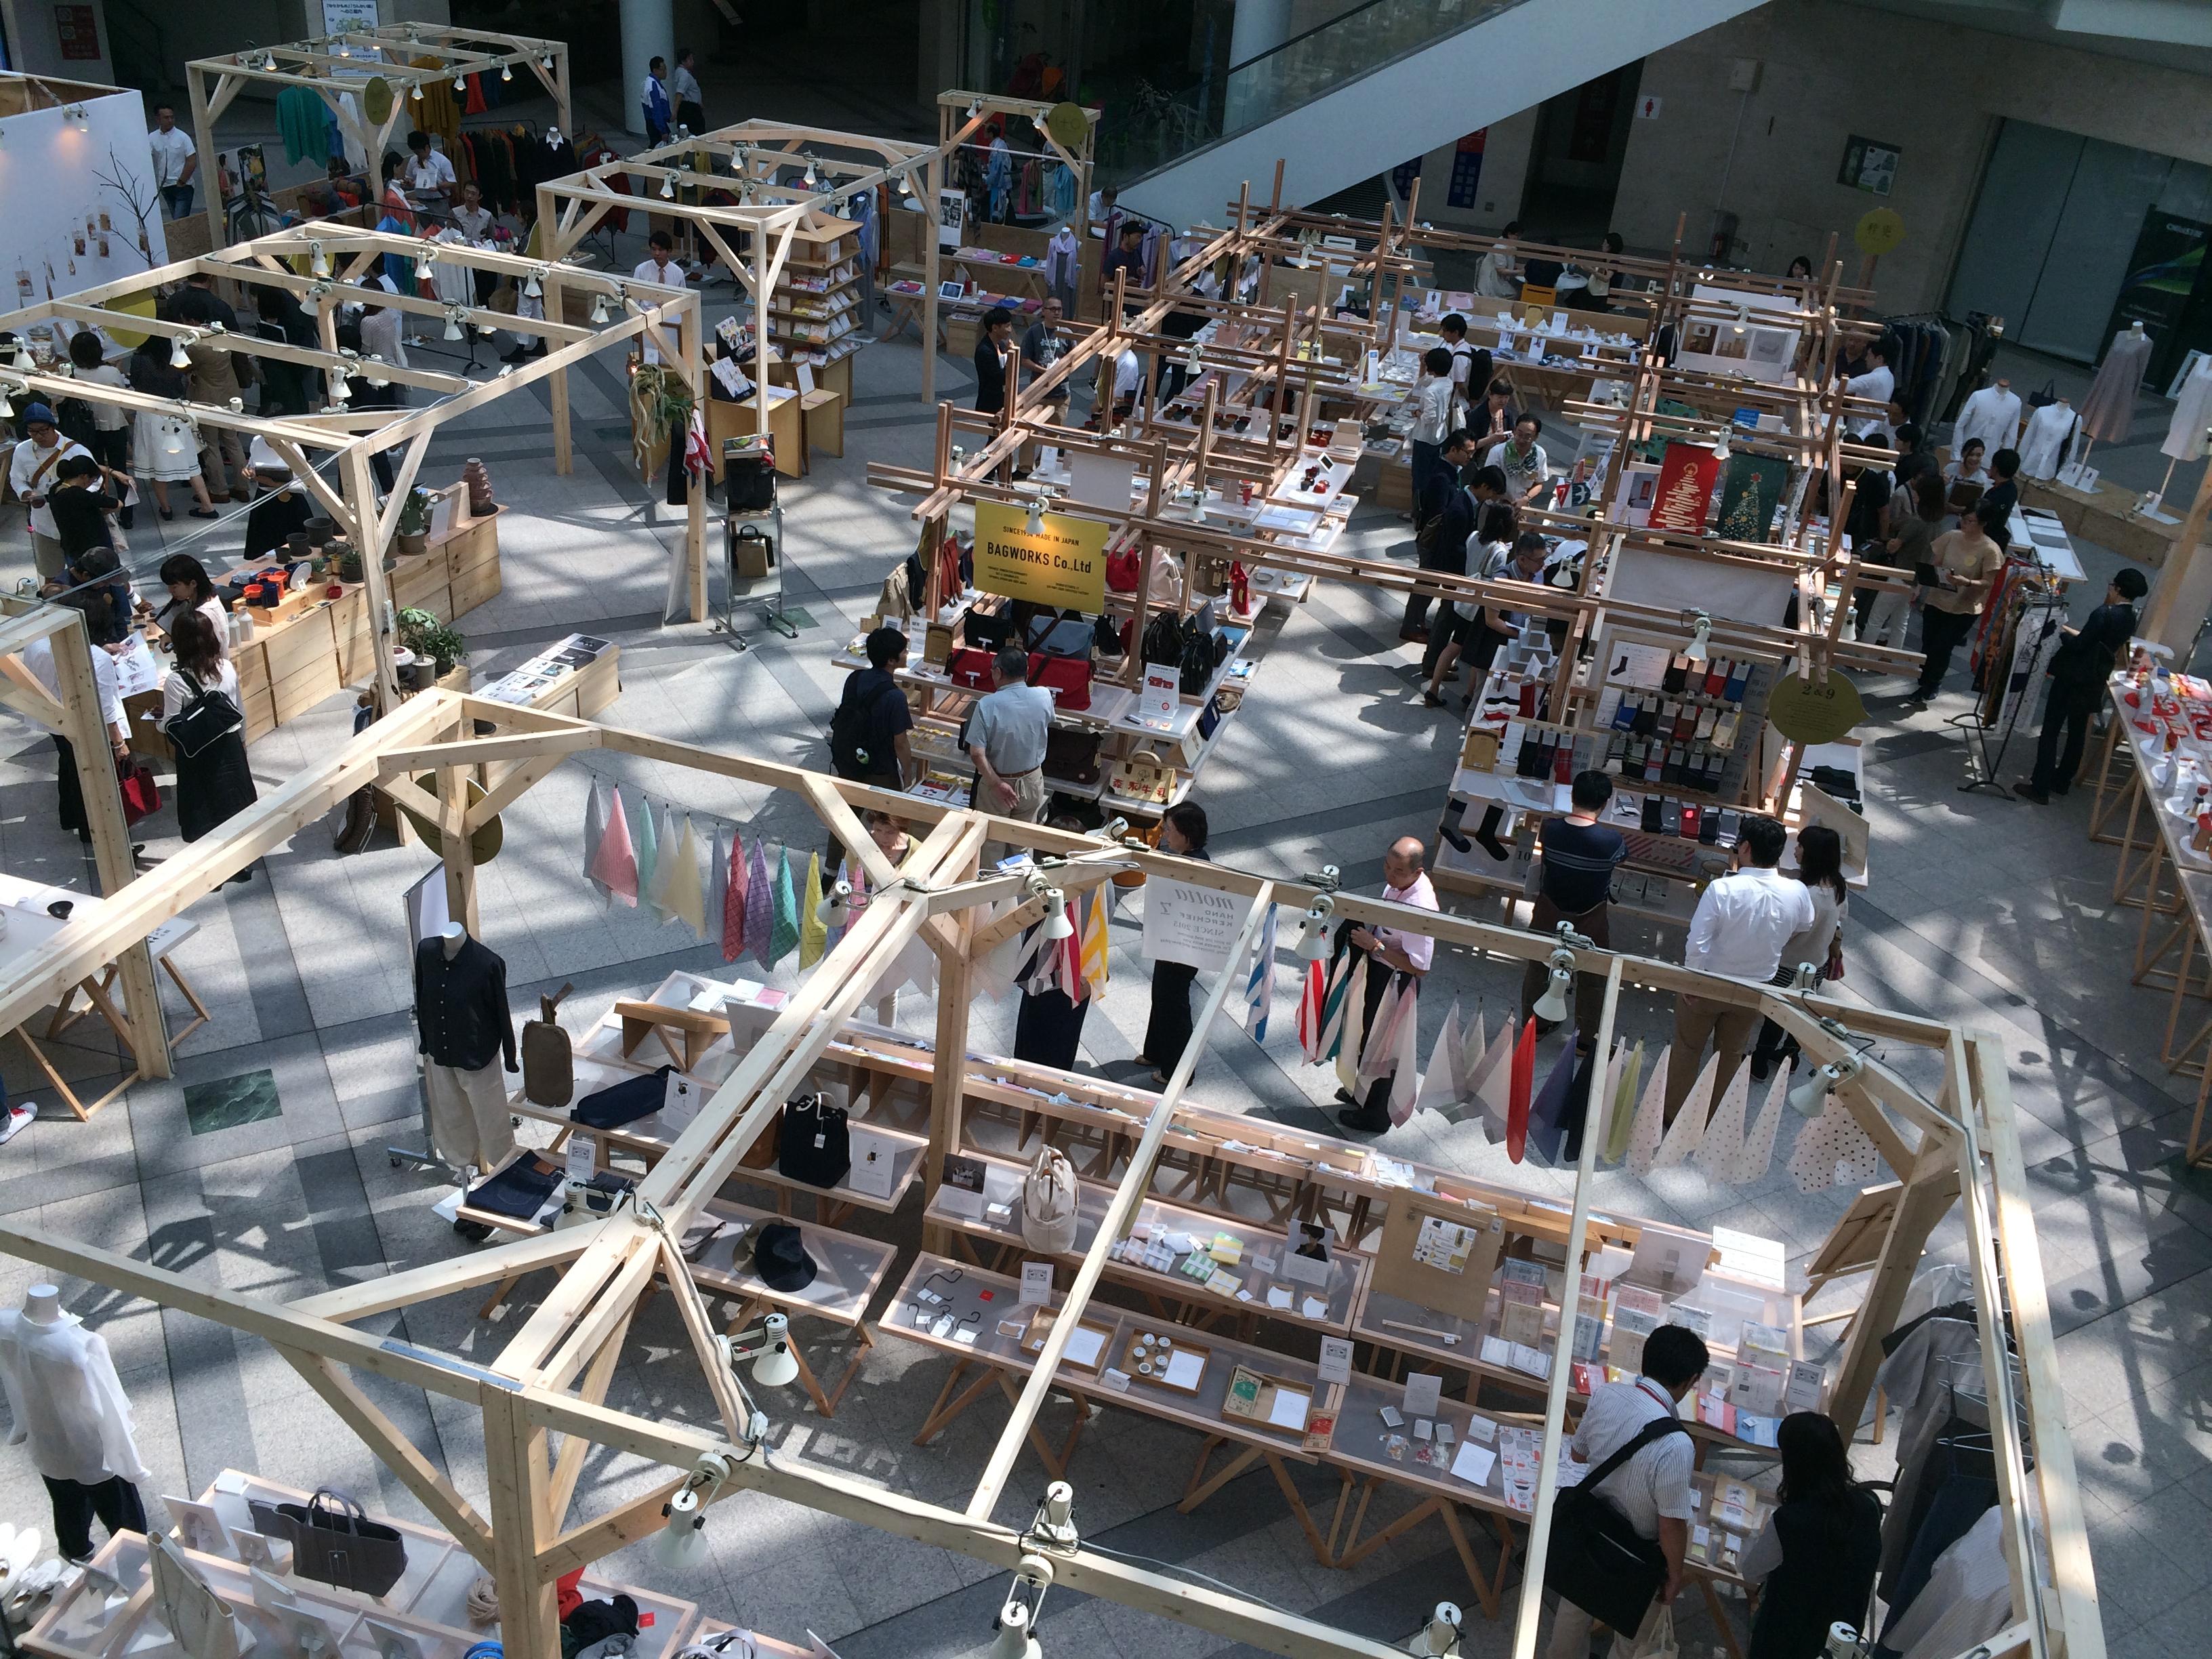 コンサルティング先など志を同じくする全国の工芸メーカーとともに開催した合同展示会「大日本市」